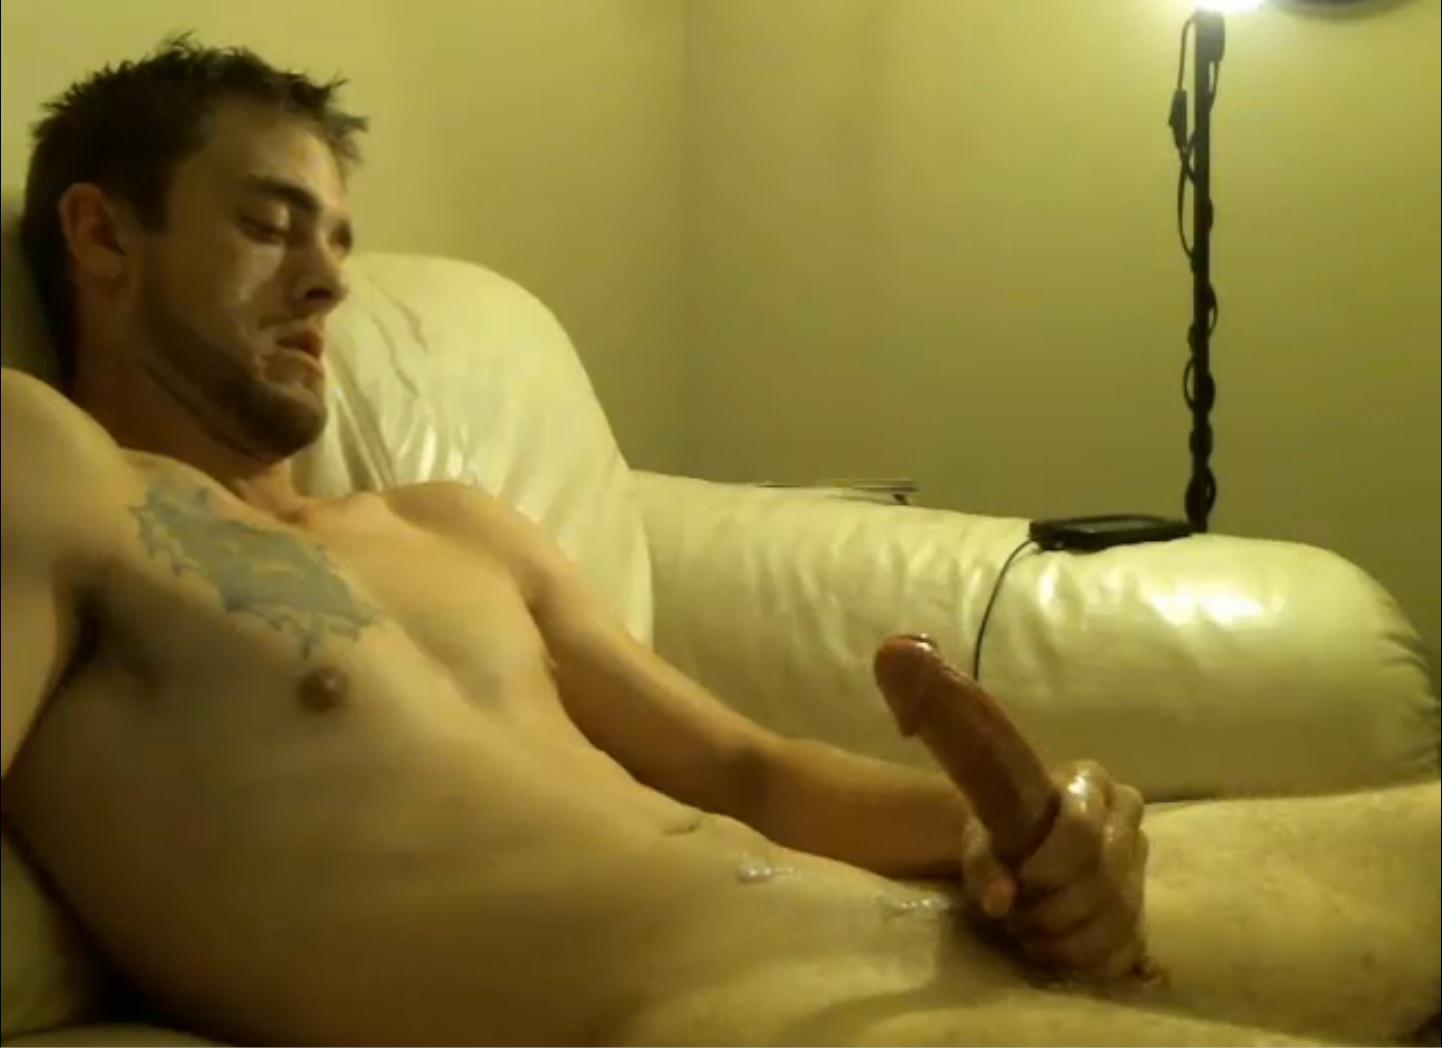 guys Hot cumming naked